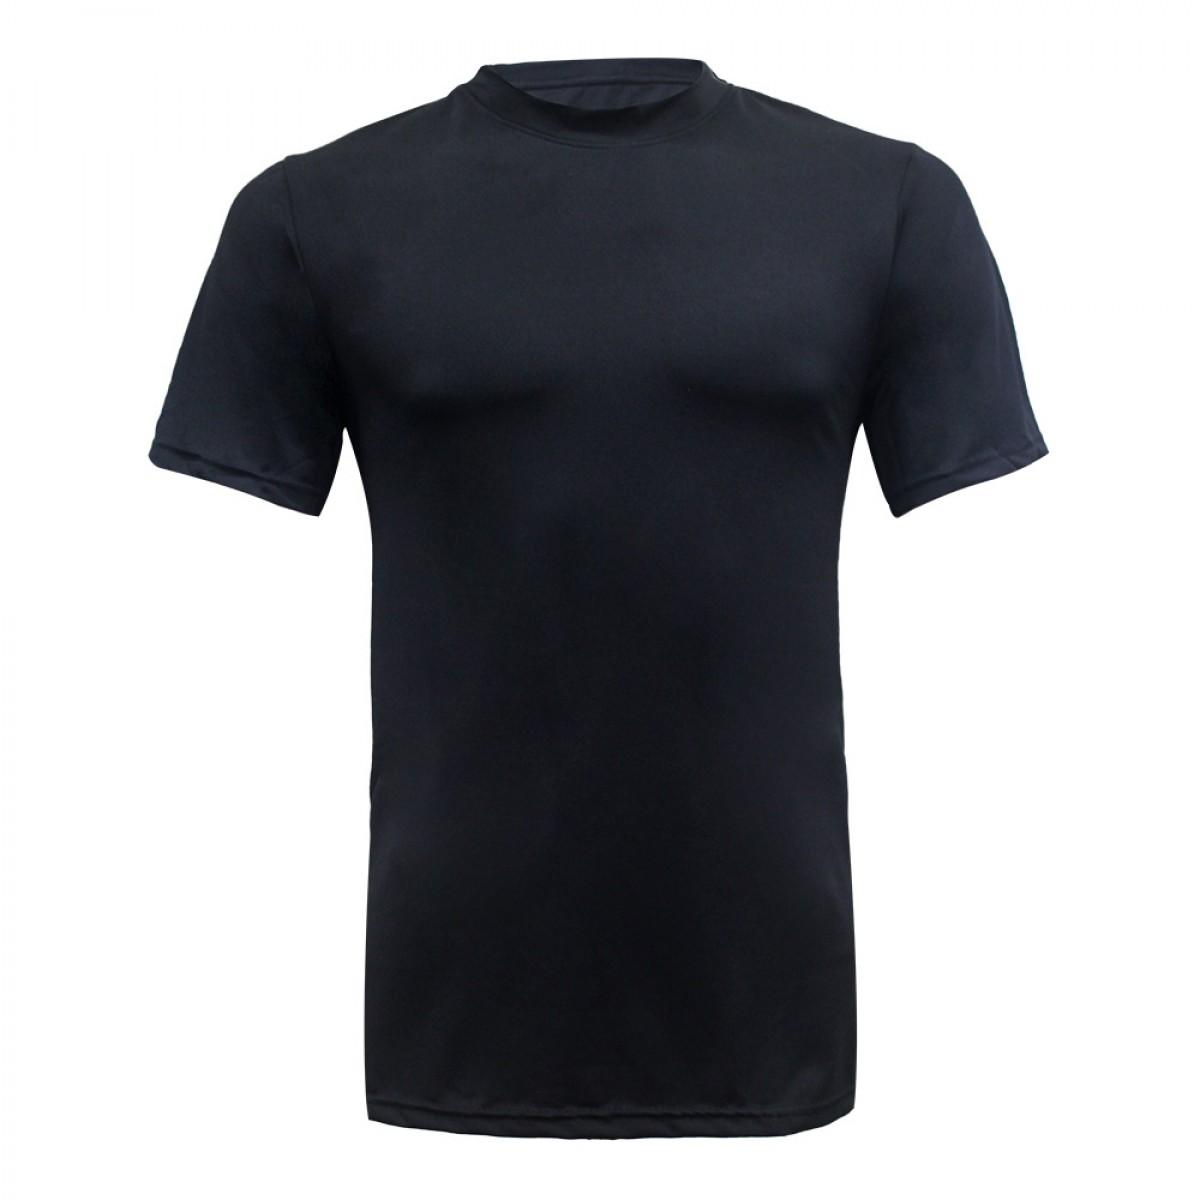 men-knit-round-neck-t-shirtkkrt95587-8a